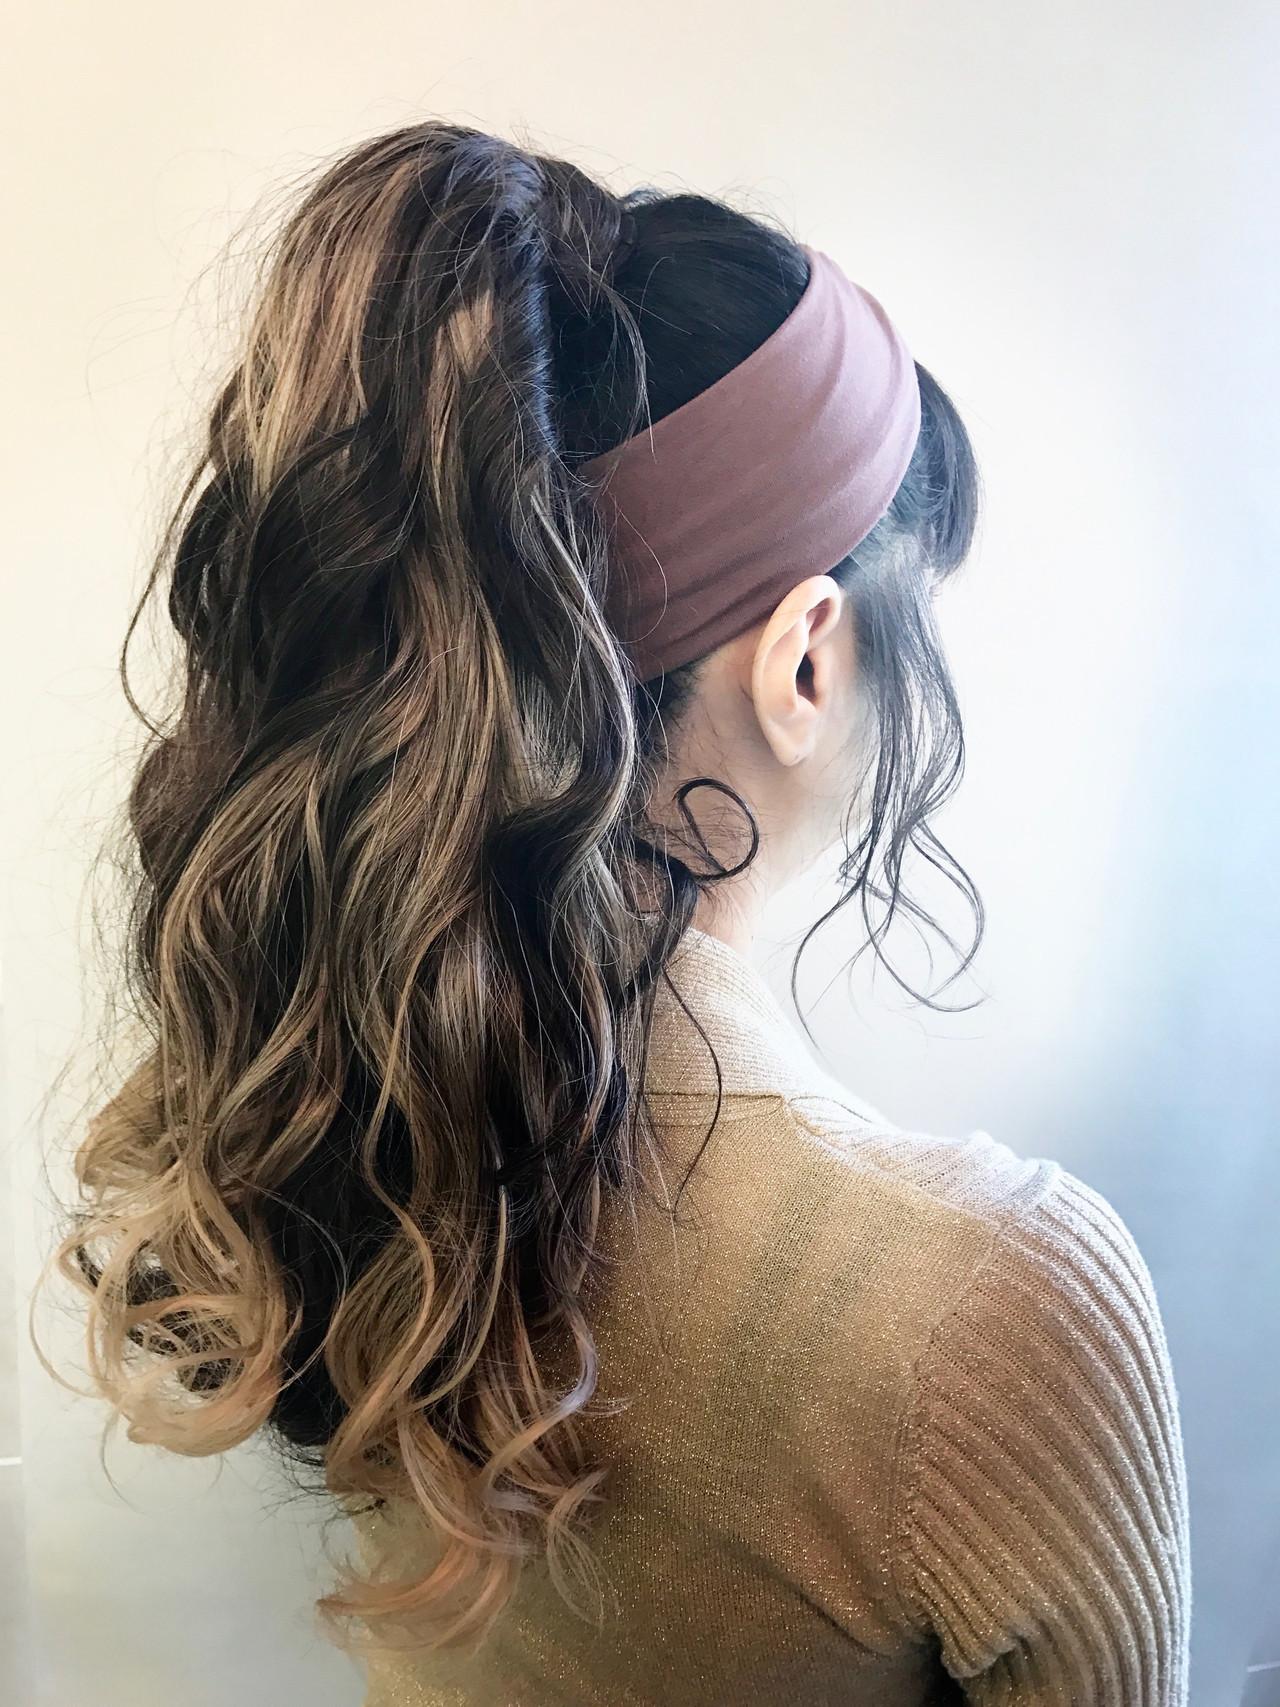 ヘアアレンジ セルフヘアアレンジ ガーリー ポニーテールアレンジ ヘアスタイルや髪型の写真・画像